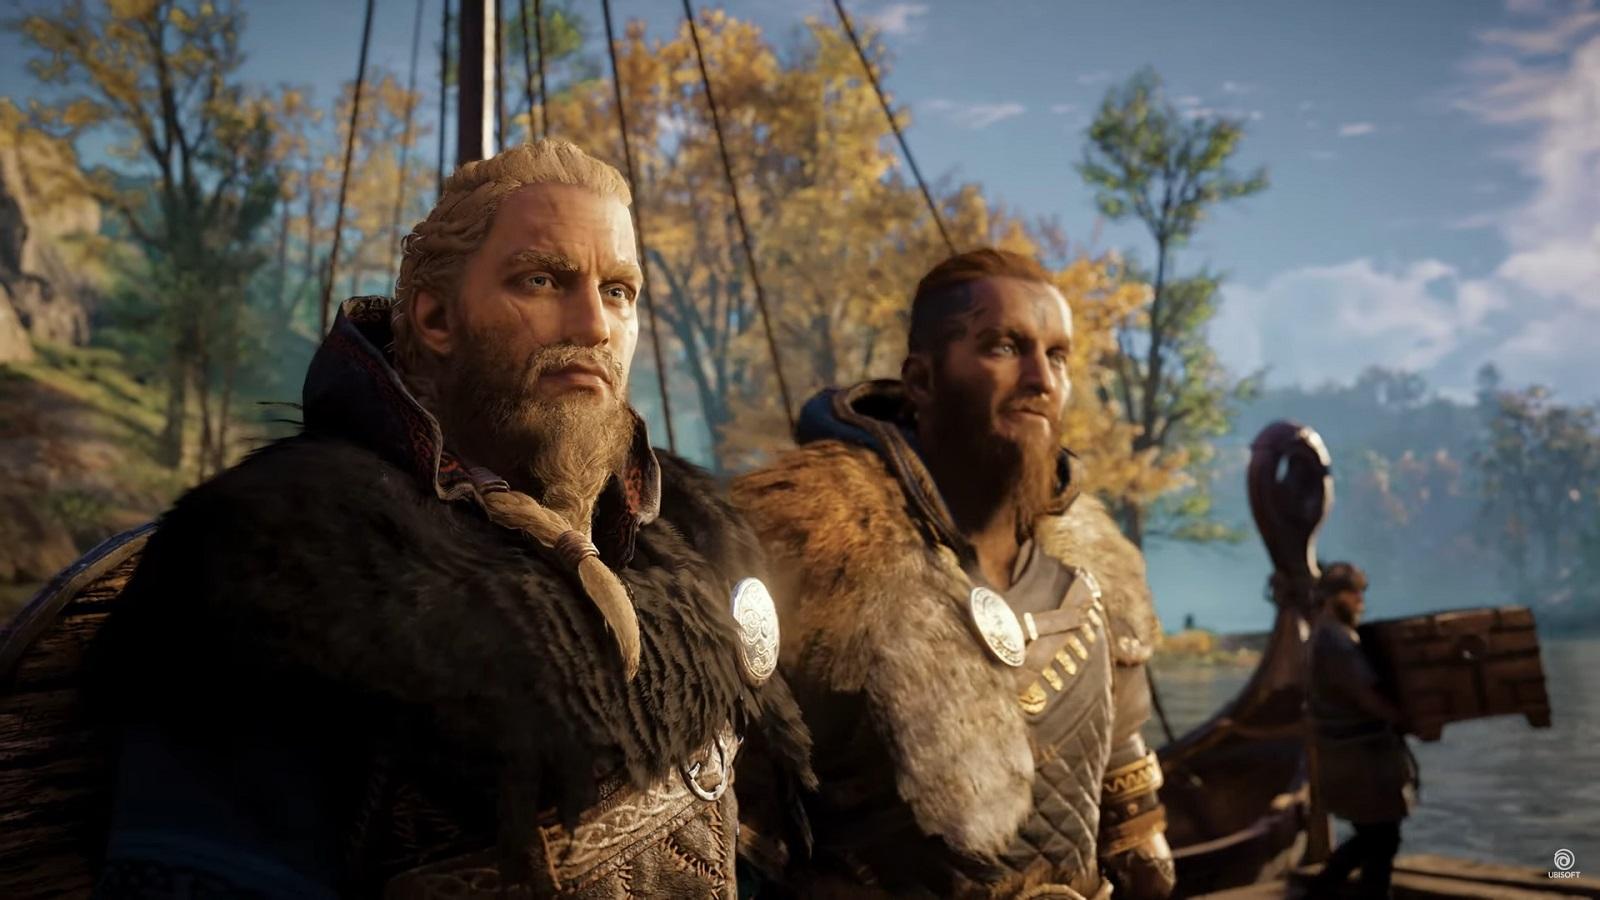 С новым патчем в Assassin's Creed Valhalla появится выбор между качеством изображения и производительностью